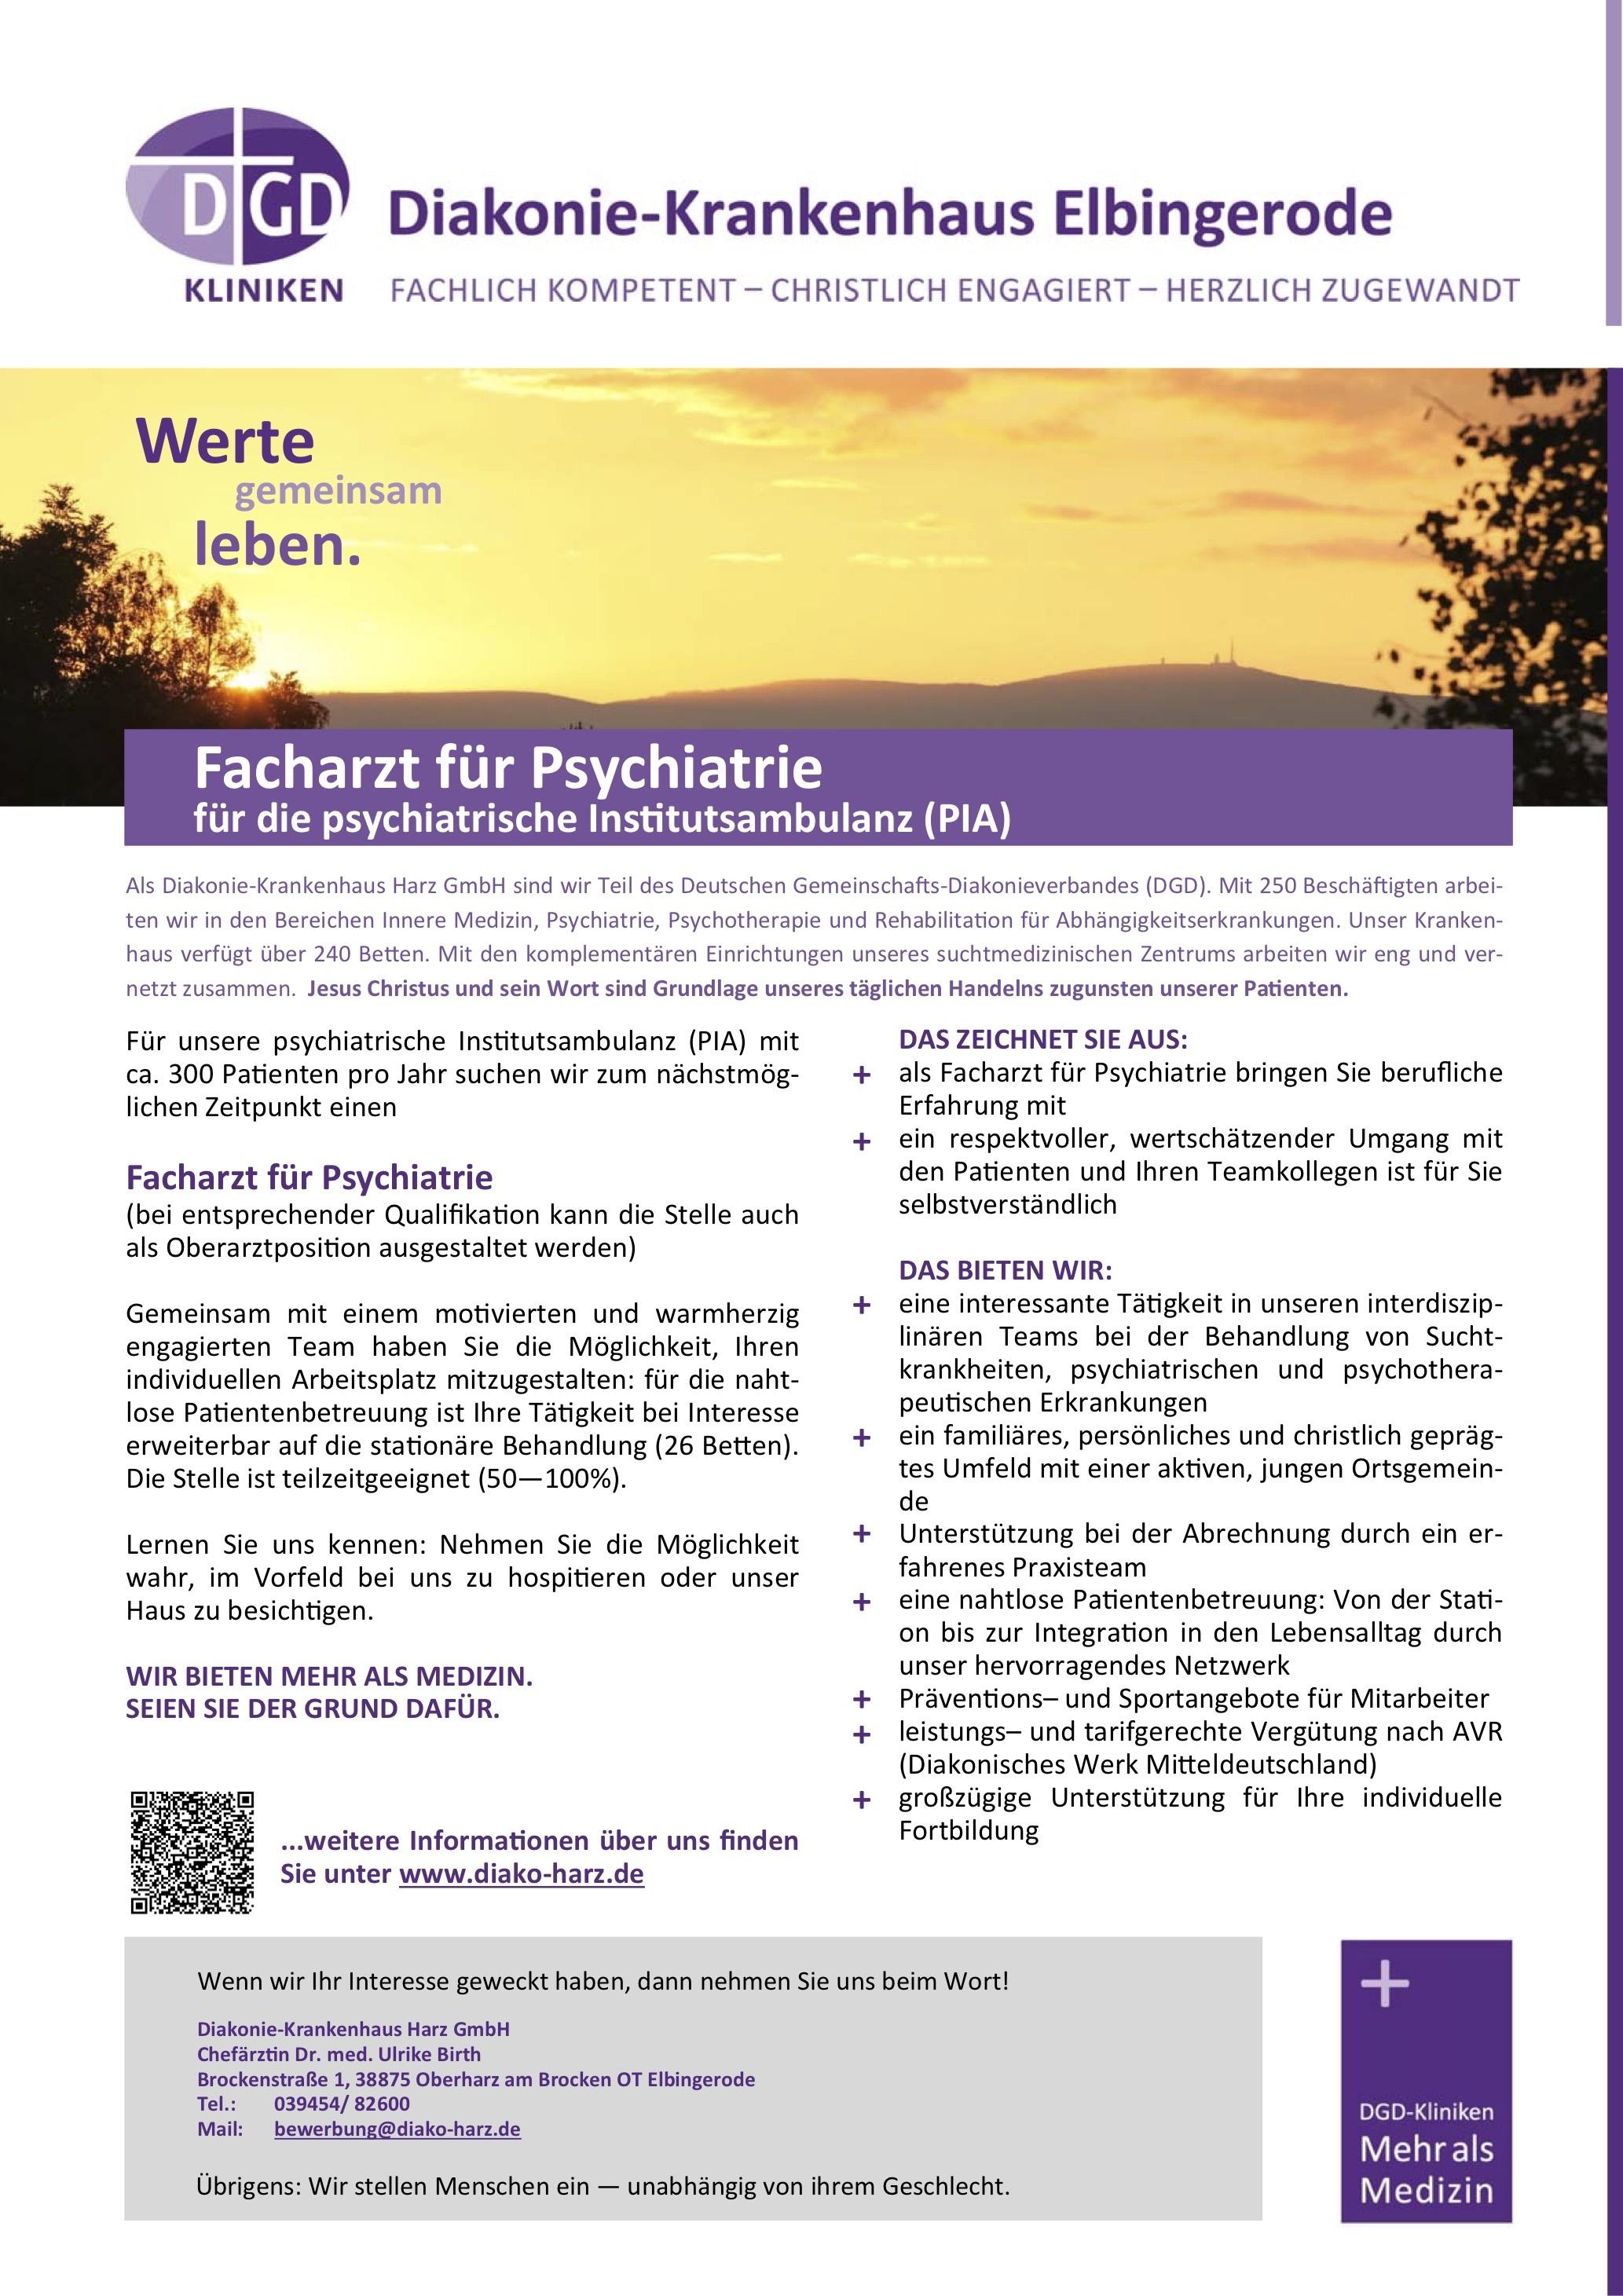 Facharzt für Psychiatrie für die psychiatrische Institutsambulanz (PIA)